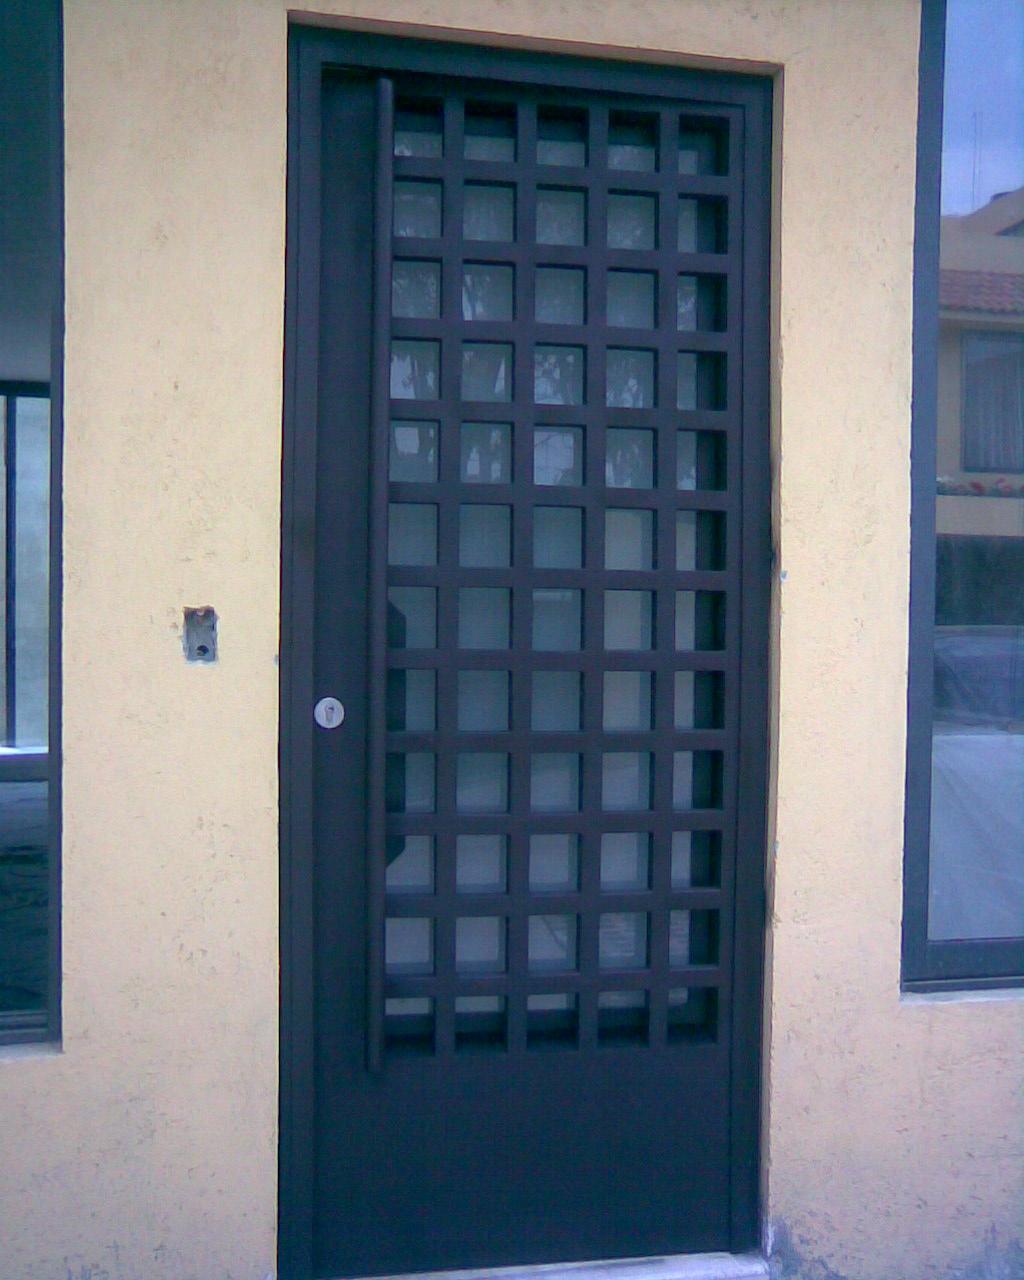 Herreria hector for Imagenes de puertas de herreria modernas